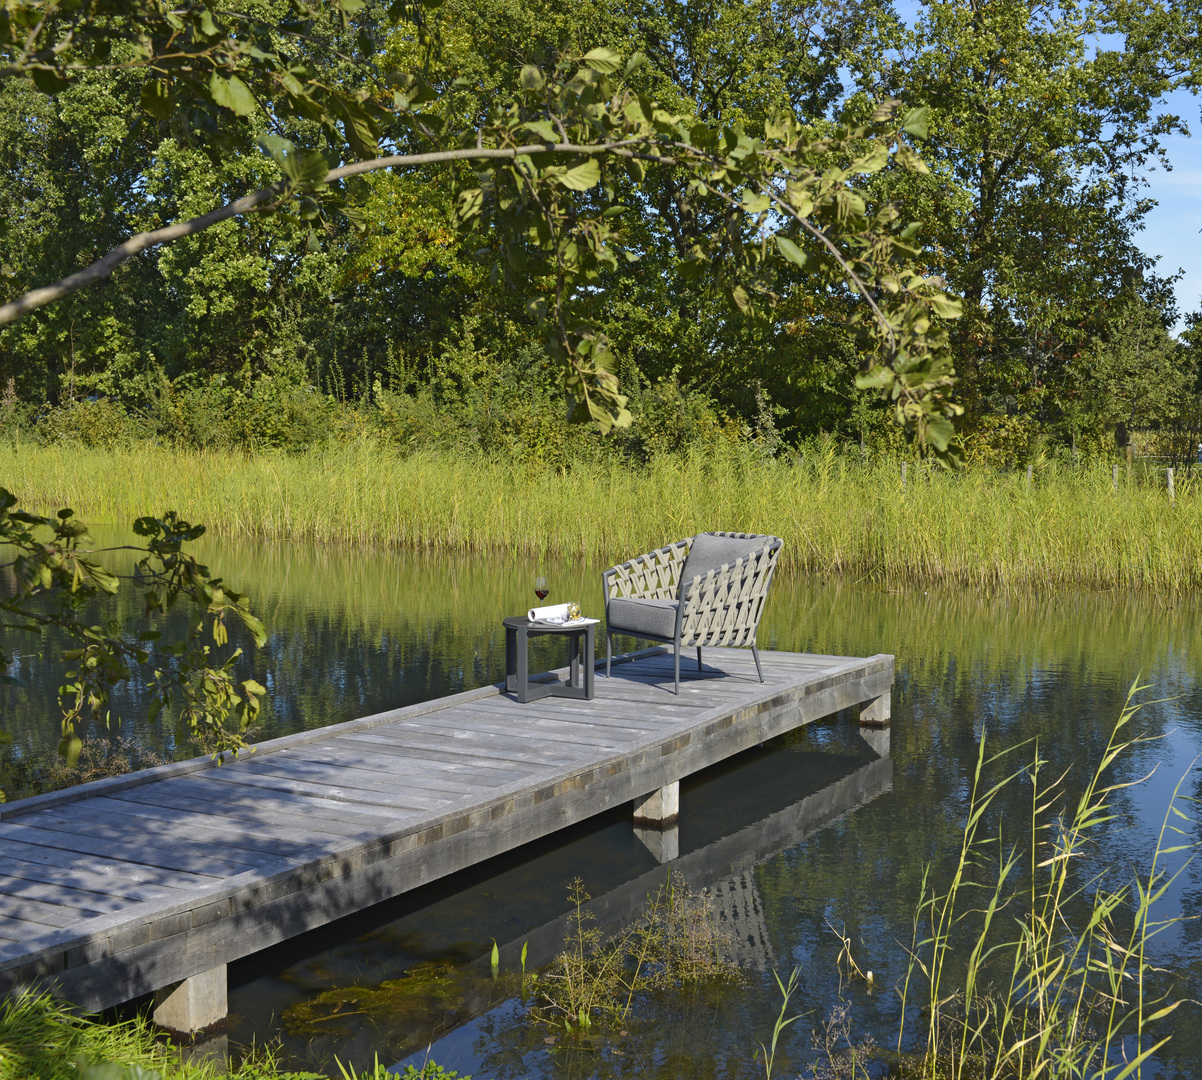 2019 Borek Ardenza belt Tavira lounge chair Studio Borek - Dekton Faro side table Bertram Beerbaum (panorama).jpg